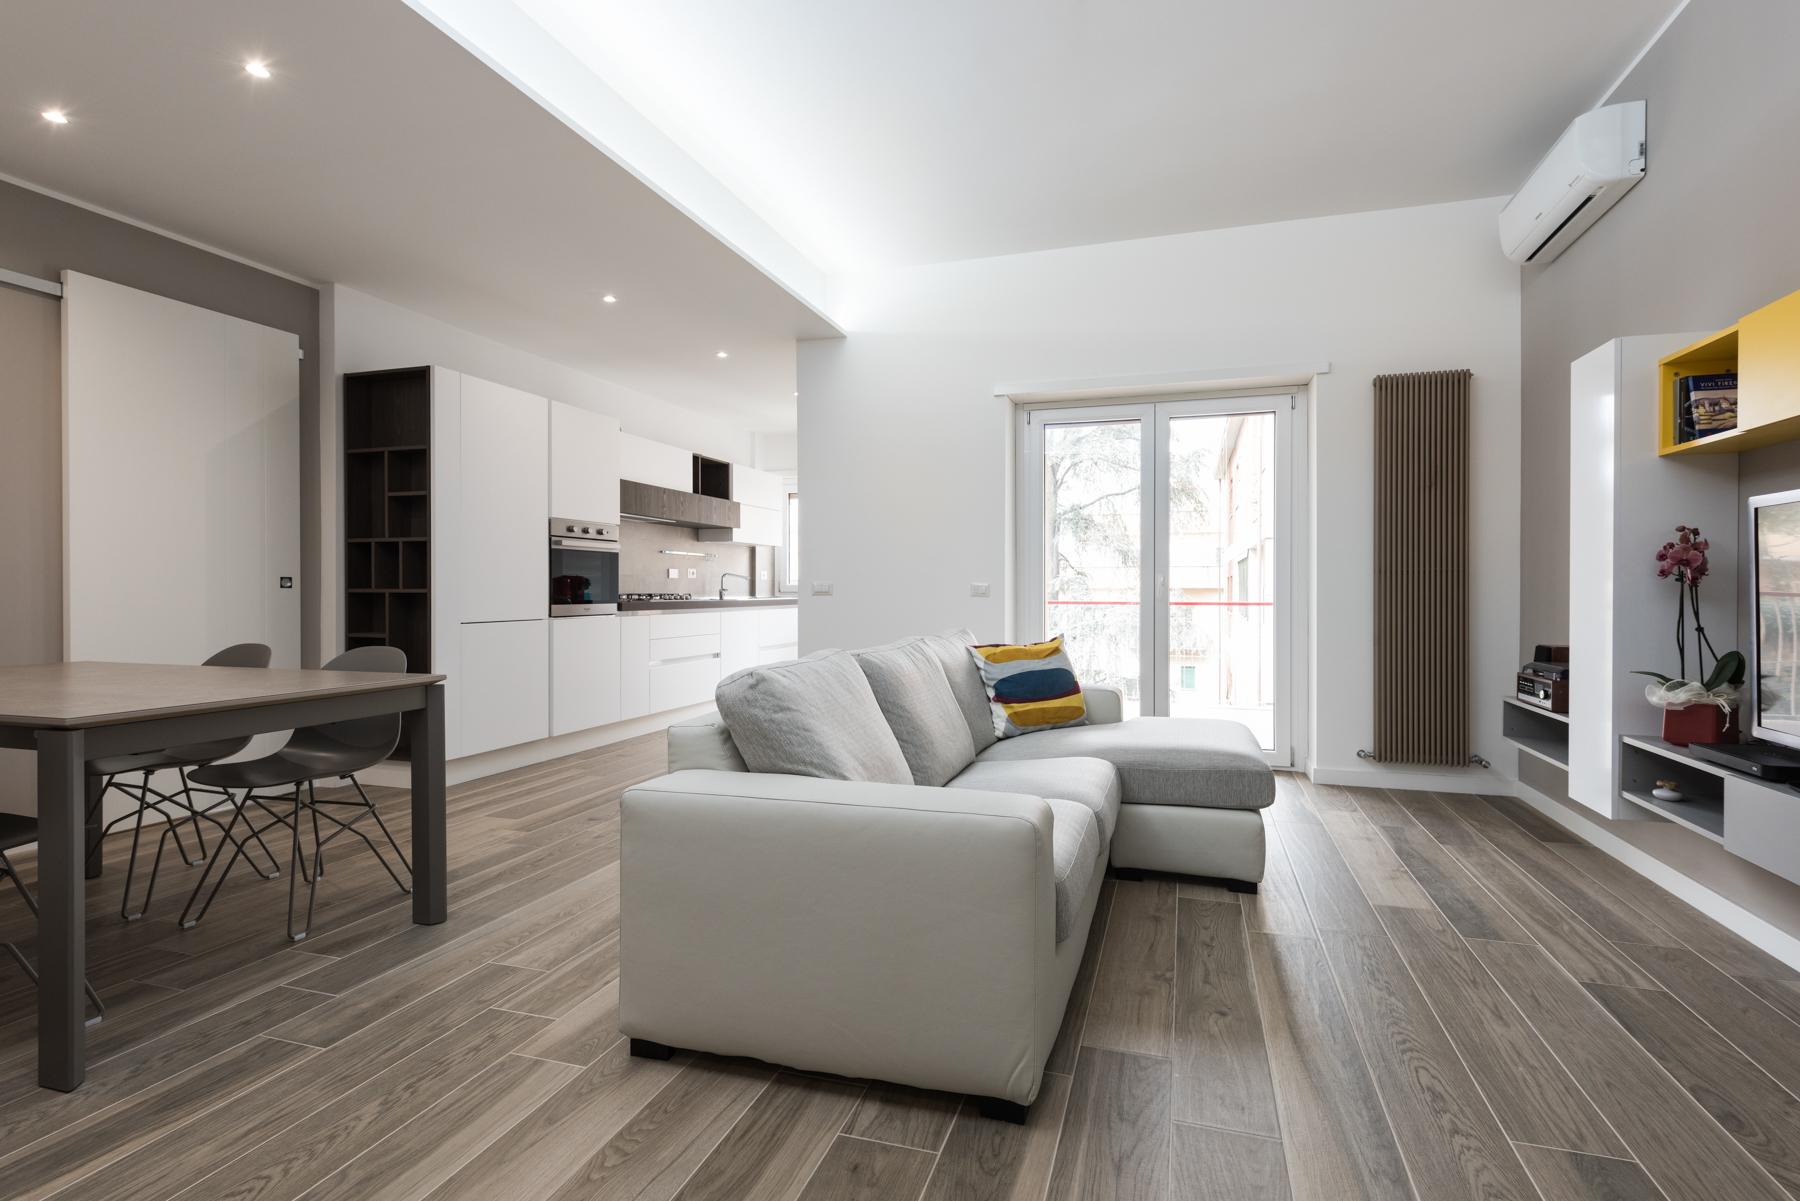 Ristrutturazione appartamento zona bufalotta roma for Ristrutturazione appartamento roma